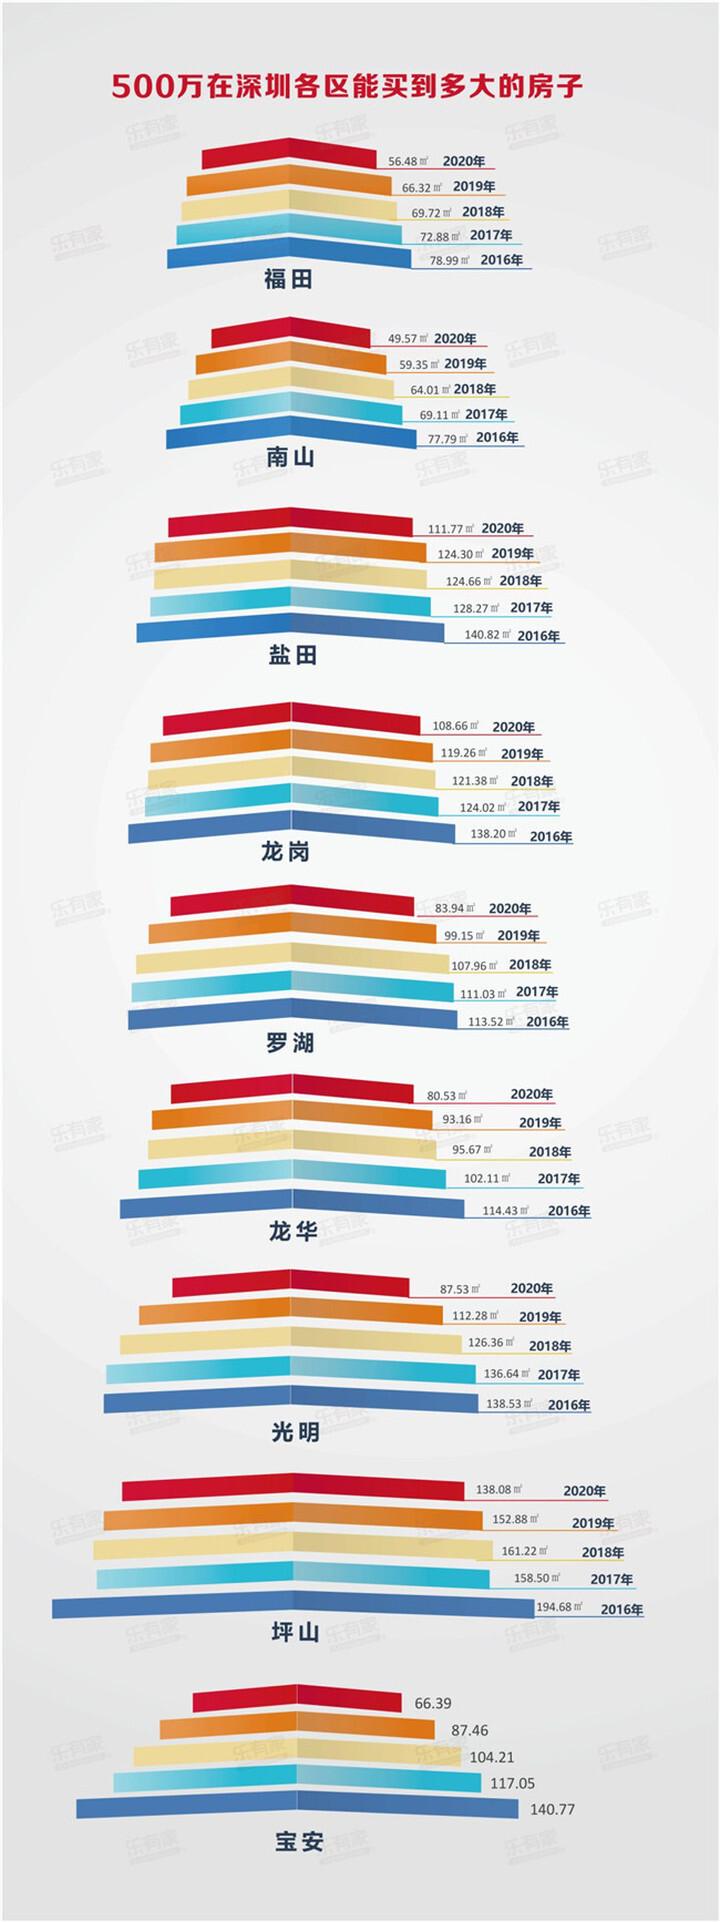 总价500万,你能在深圳买什么房?我都帮你列出来了!